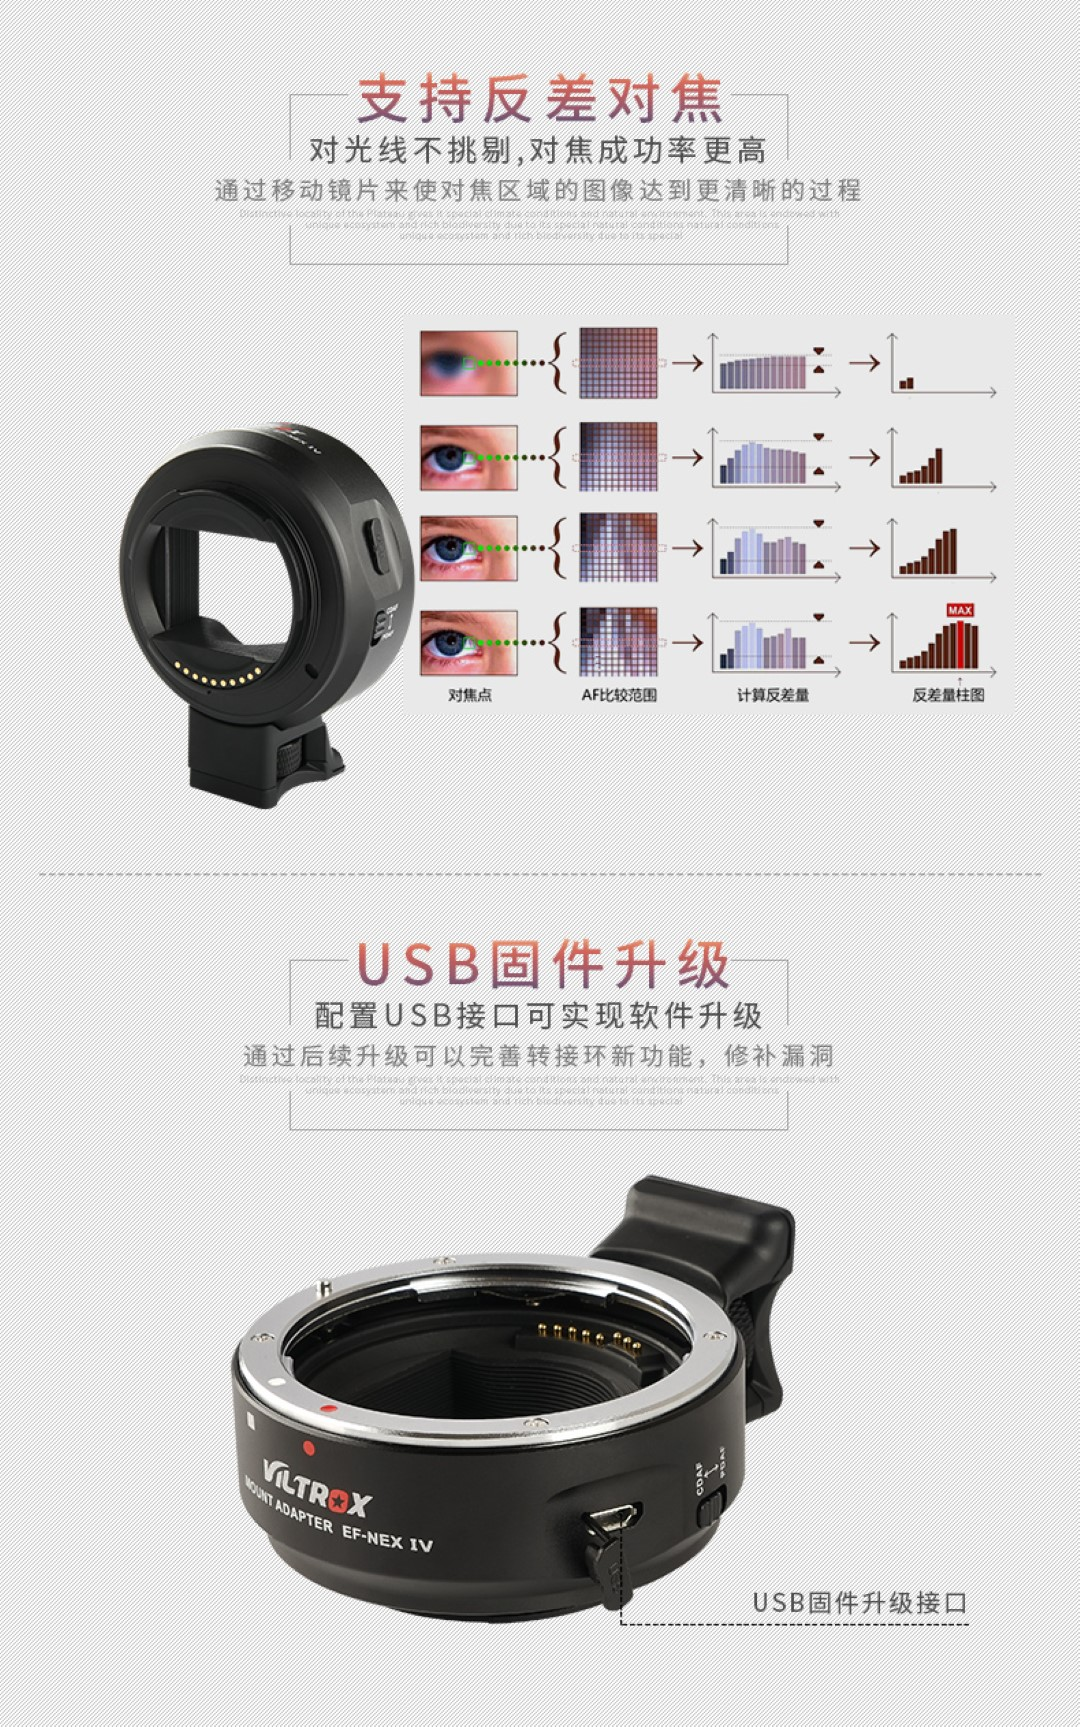 viltrox-ef-nex-iv-lens-adapter-d-yingkee3.jpg